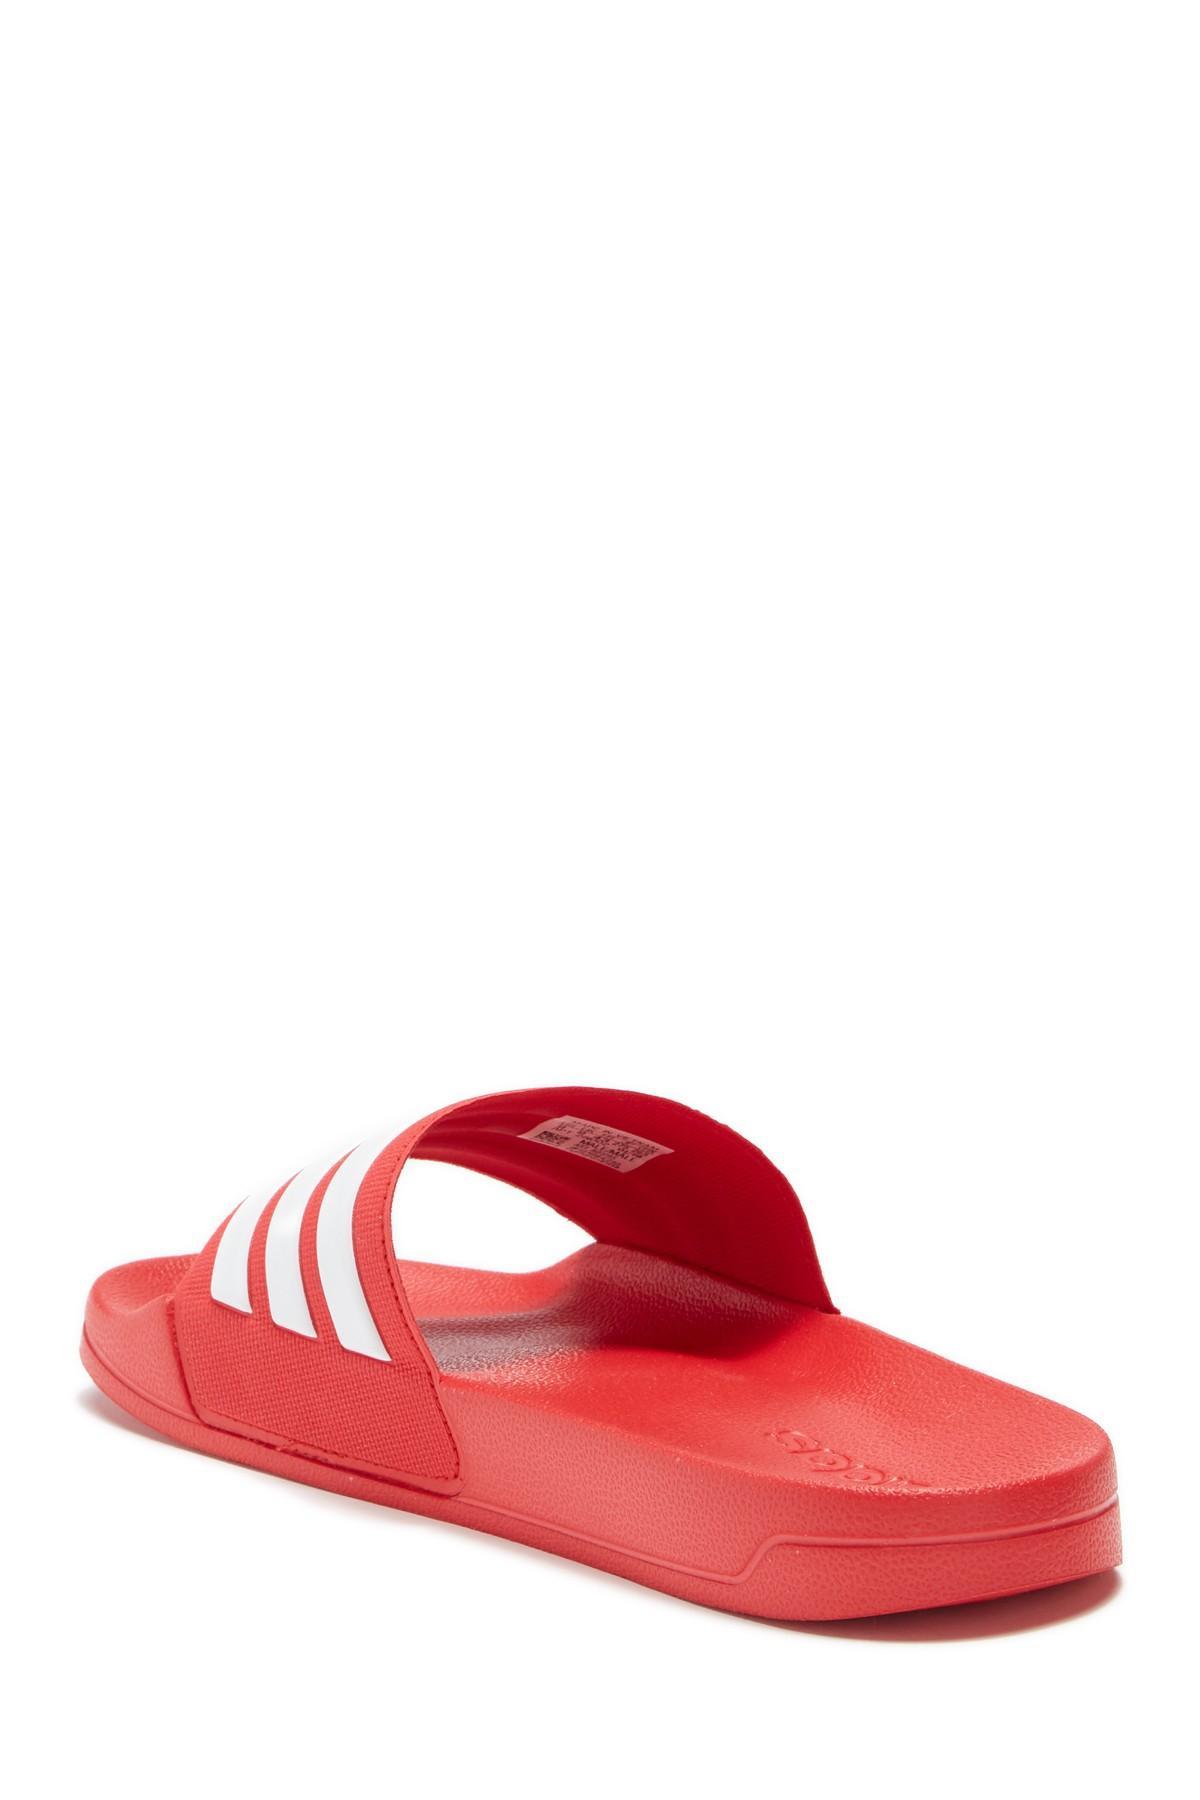 b923151c7ee4e7 Adidas - Red Adilette Shower Sandal for Men - Lyst. View fullscreen